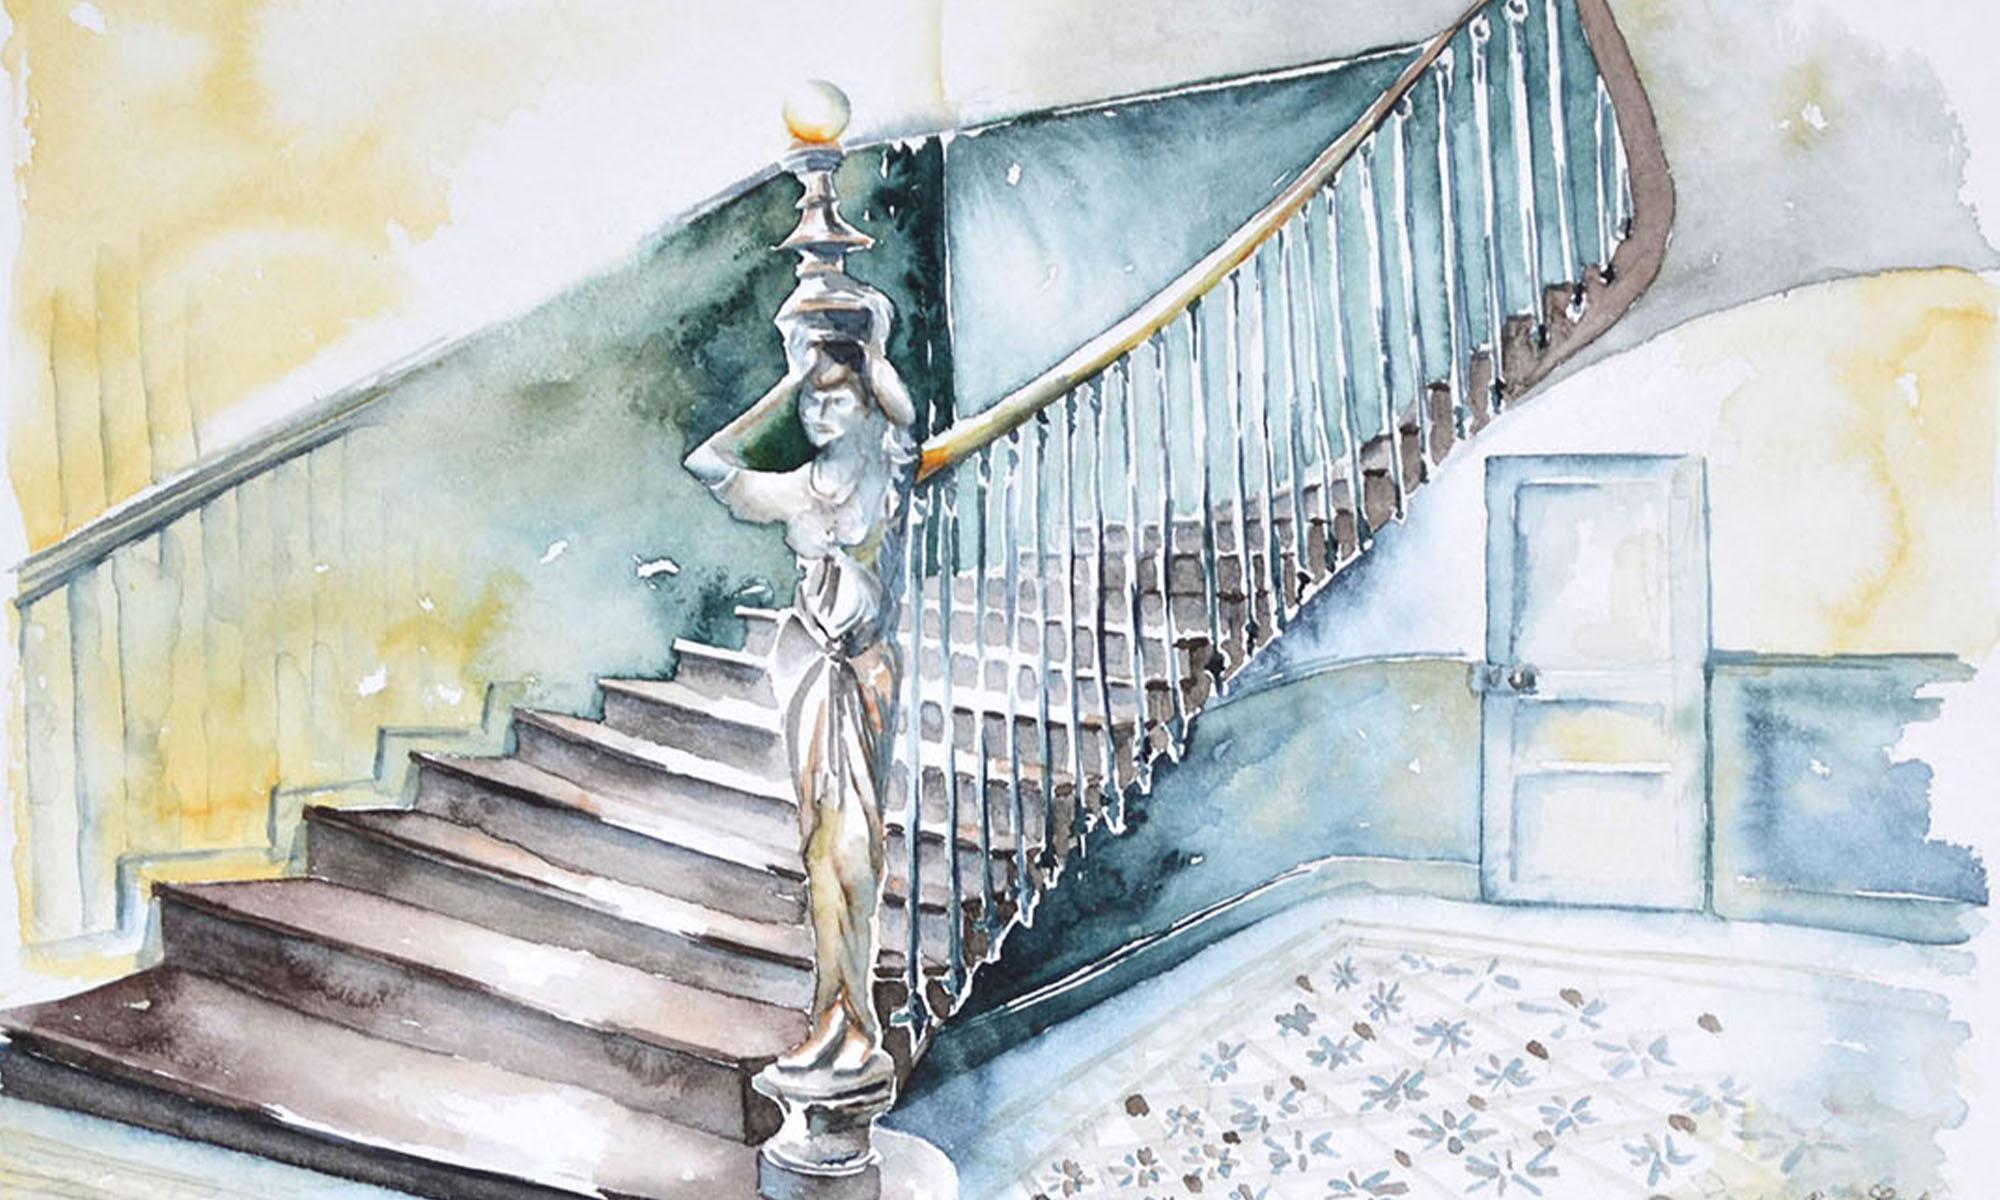 A l'aquarelle, du tiers gauche de la feuille monte un escalier de bois vers le haut à droite de la feuille. Sur l'arrière, il s'appuit sur un mur aux tonalités jaune ocre. Sur le côté droit, il est bordé d'une fine rampe en bois. Au départ de l'escalier, à droite de la première marche, s'élève la statue d'une femme qui porte sur sa tête un lampadaire rond. Elle est dénudée sur la poitrine gauche. Elle est couleur bois. Le sol et la base du mur ont des tonalités de bleu canard.